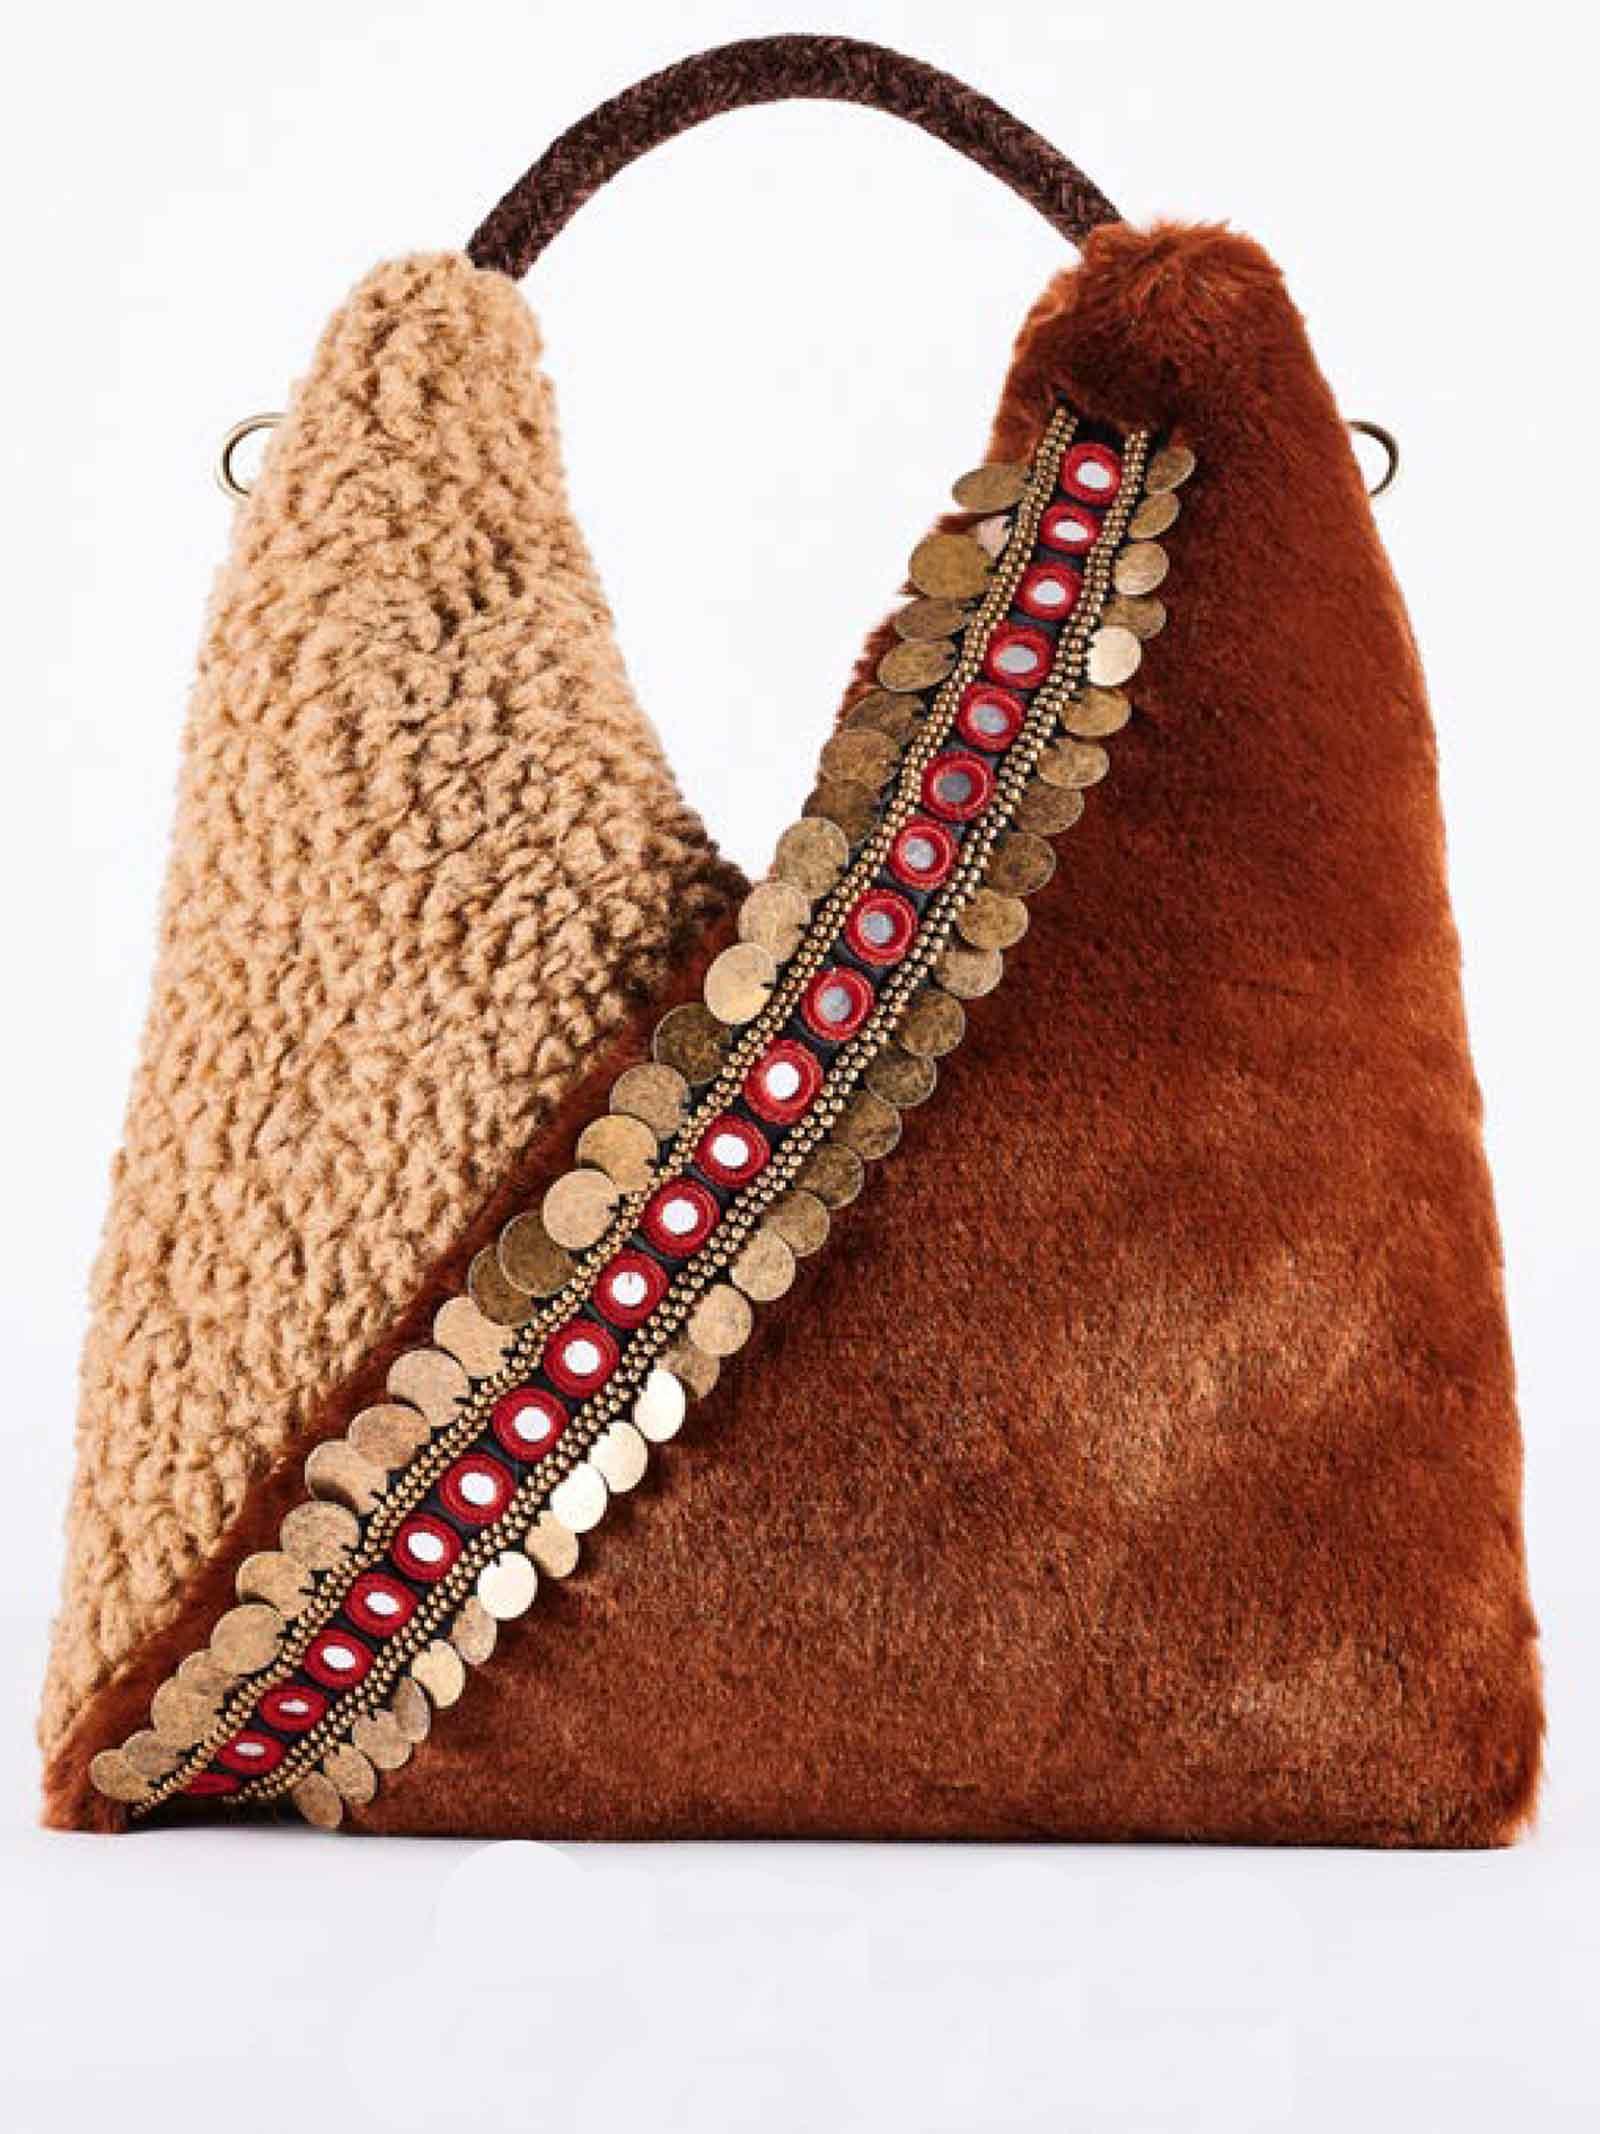 Borsa Donna Shopper Megeve Fur in Pellicca e Montone Ecologico Marrone e Cammello con Manico in Pelle Via Mail Bag | Borse e zaini | MEGEVEF03